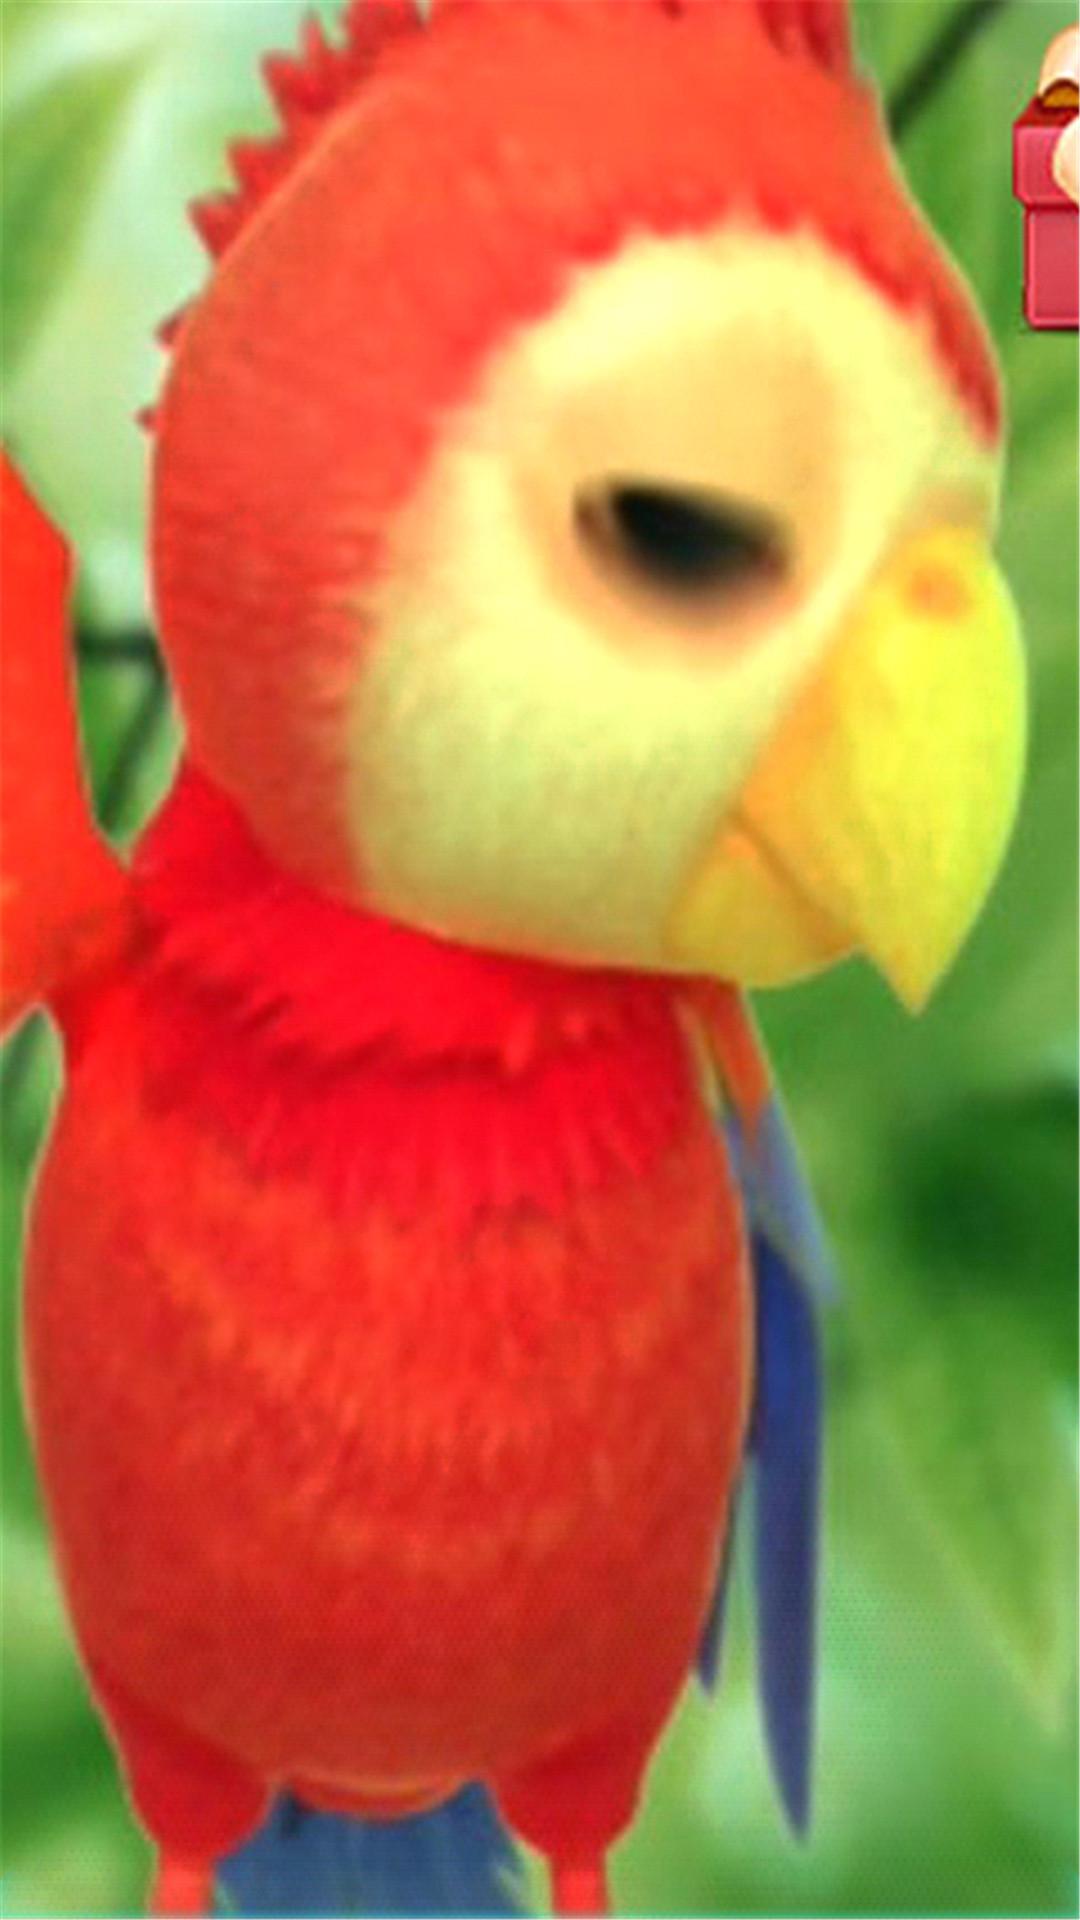 会说话的鹦鹉皮埃尔-桌面壁纸 v1.0